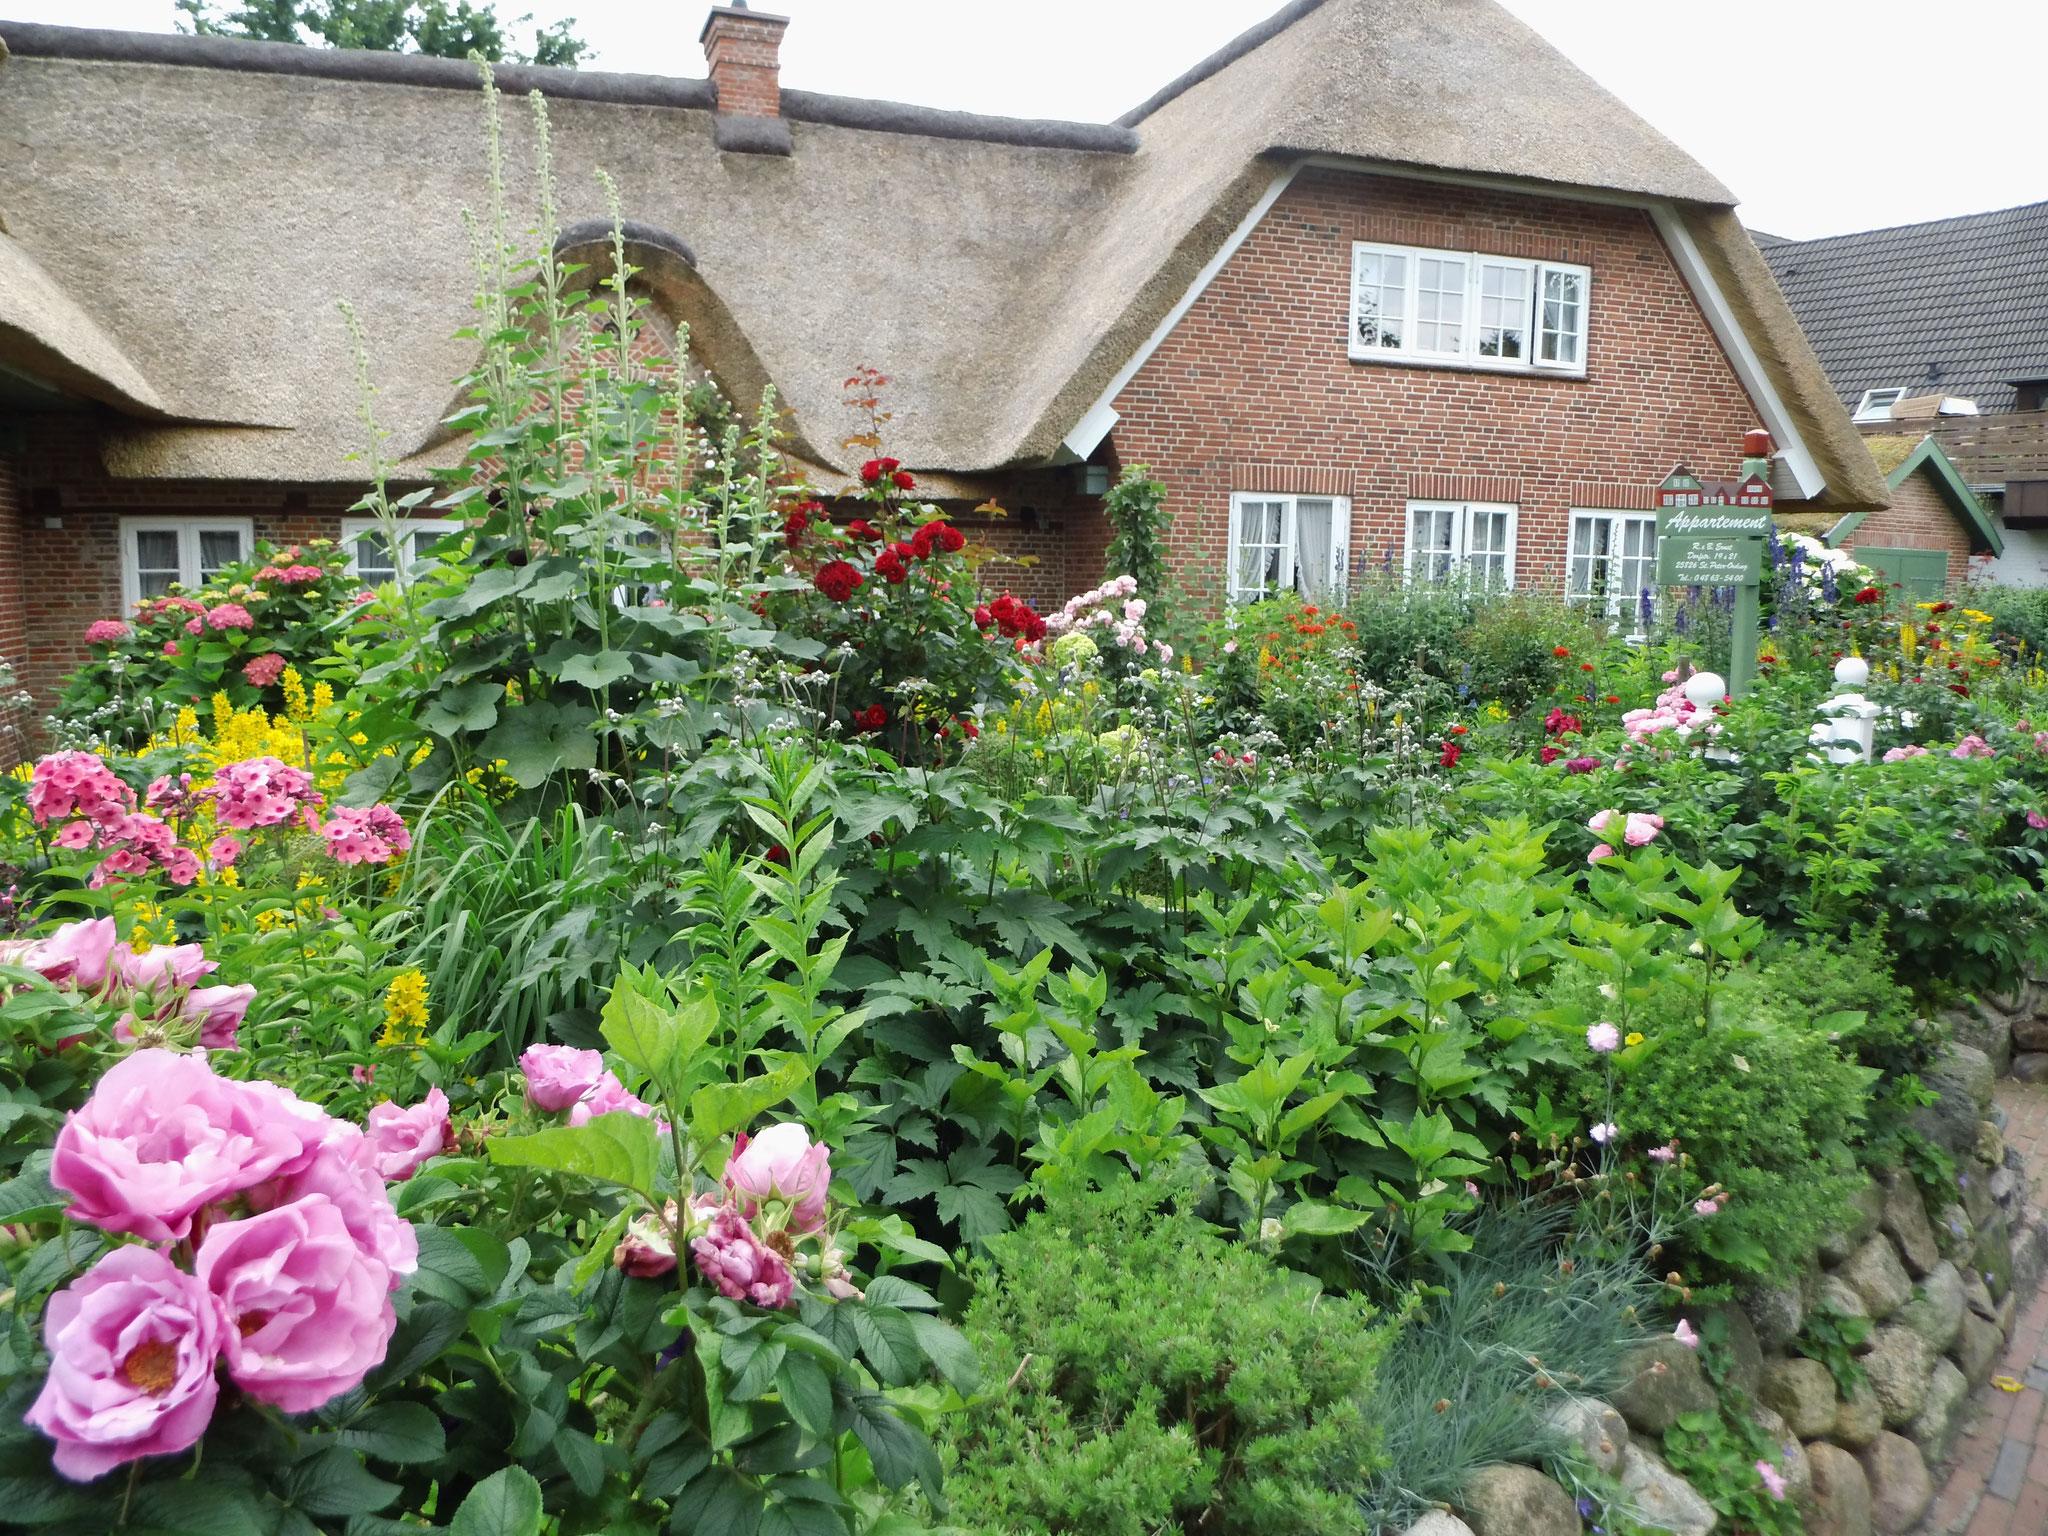 Das vielleicht schönste Reetdachhaus mit dem vielleicht schönsten Garten in SPO